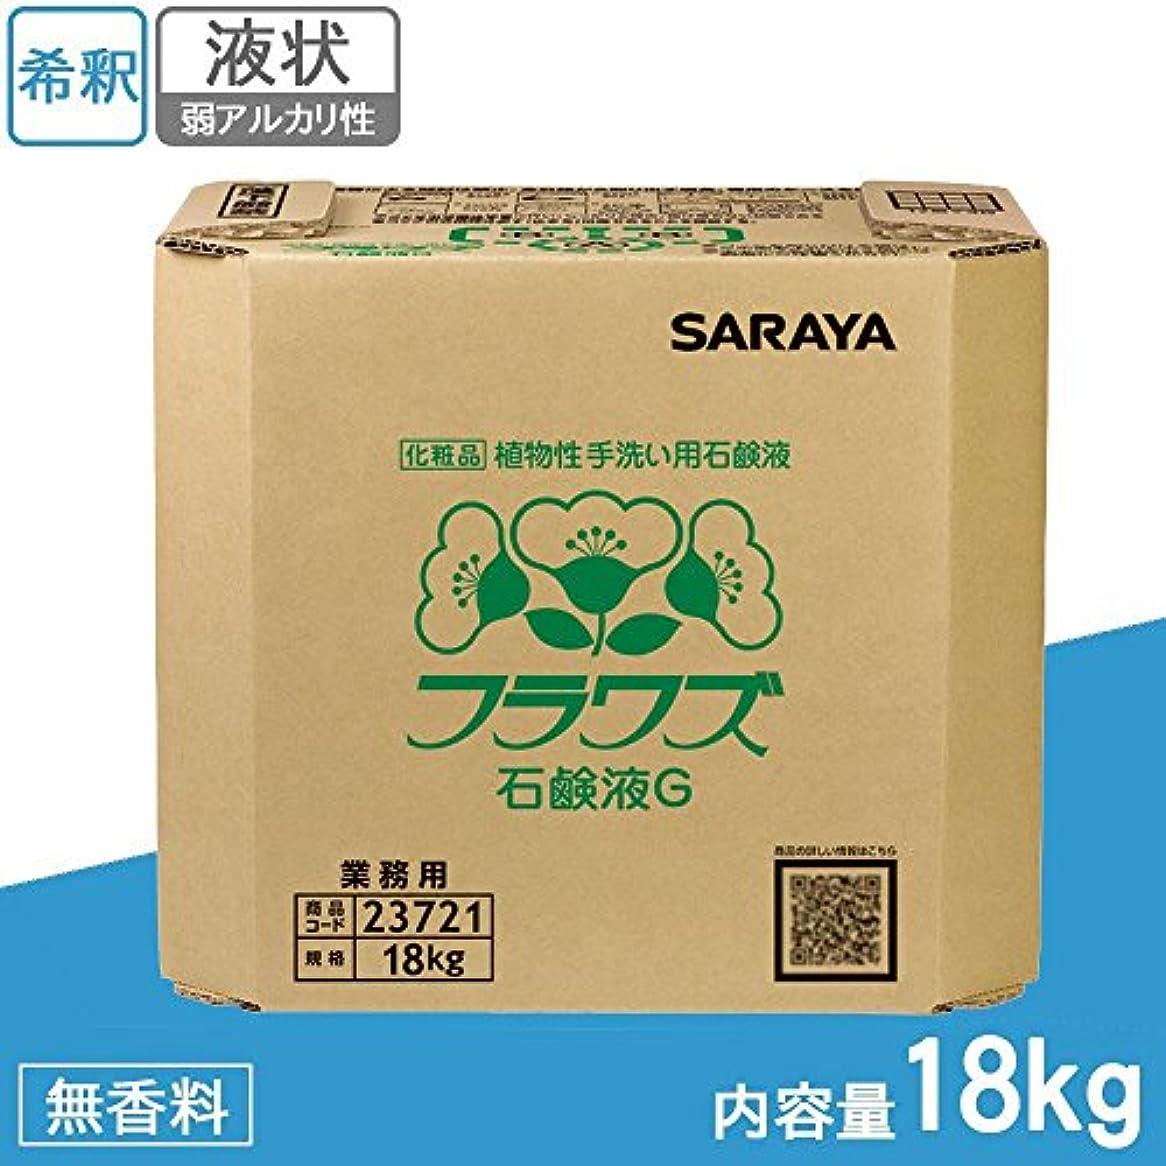 農業船尾聴覚障害者サラヤ 業務用 植物性手洗い用石鹸液 フラワズ石鹸液G 18kg BIB 23721